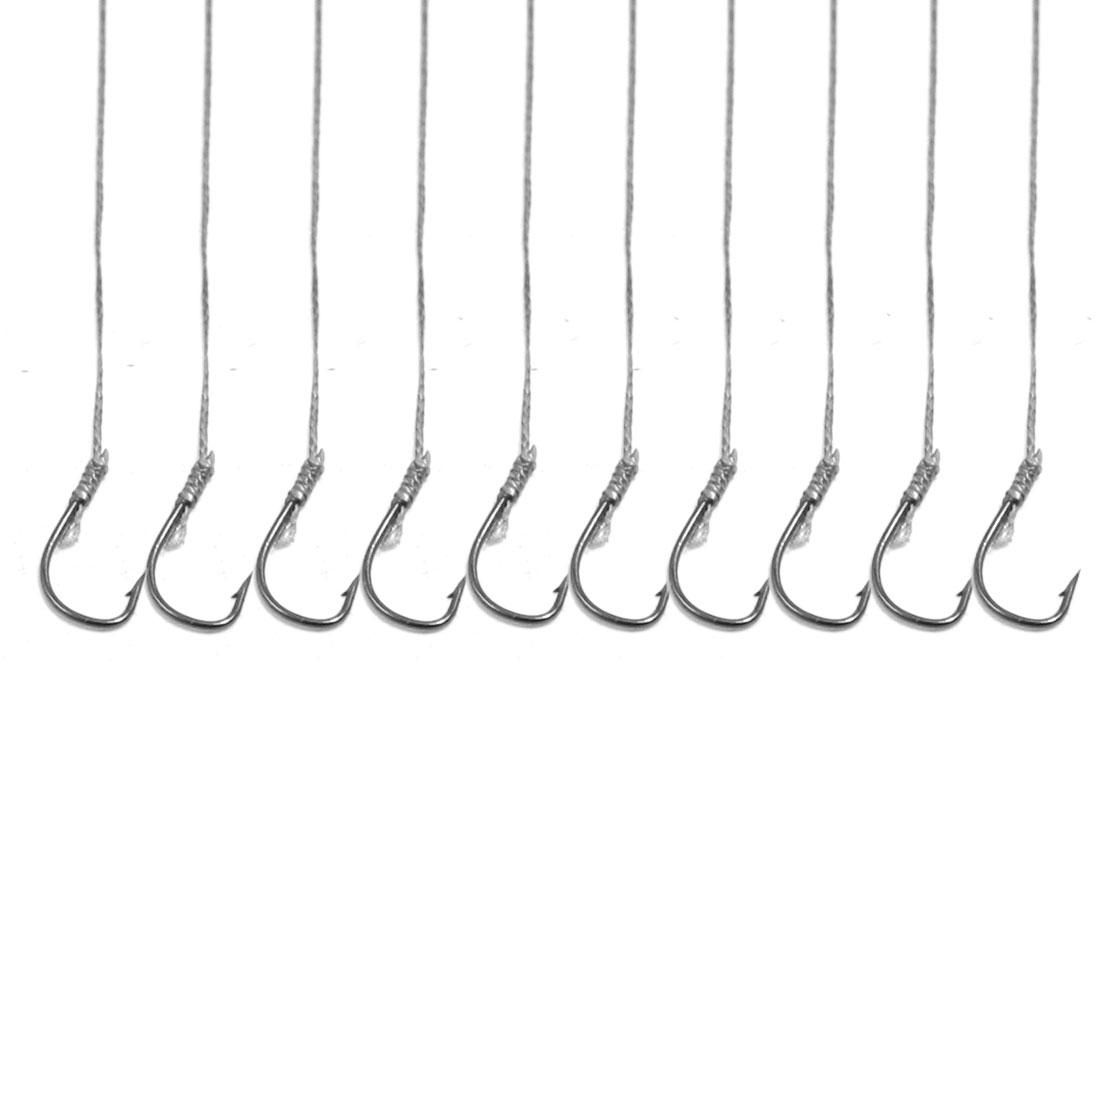 5 Pairs Size 5 Gray Metal Eyeless Sharp Barb Fish Fishing Hook Tackle